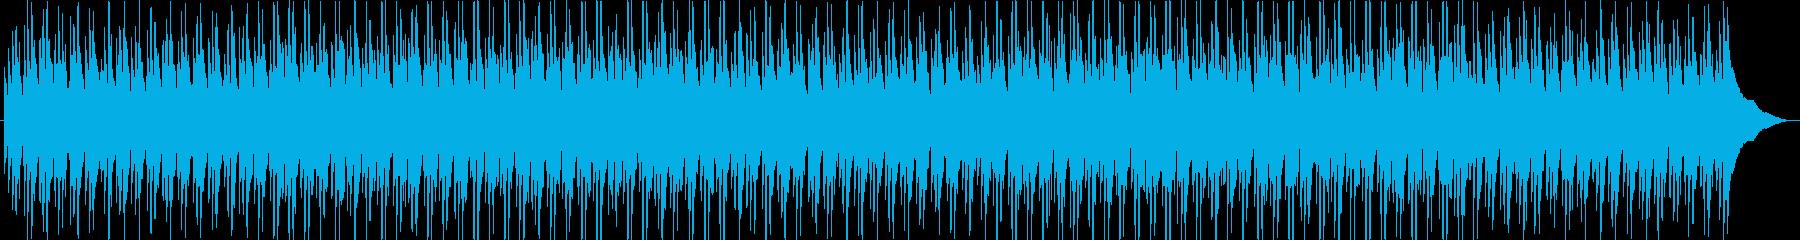 アパレル かわいい・ポジティブ・ハッピーの再生済みの波形